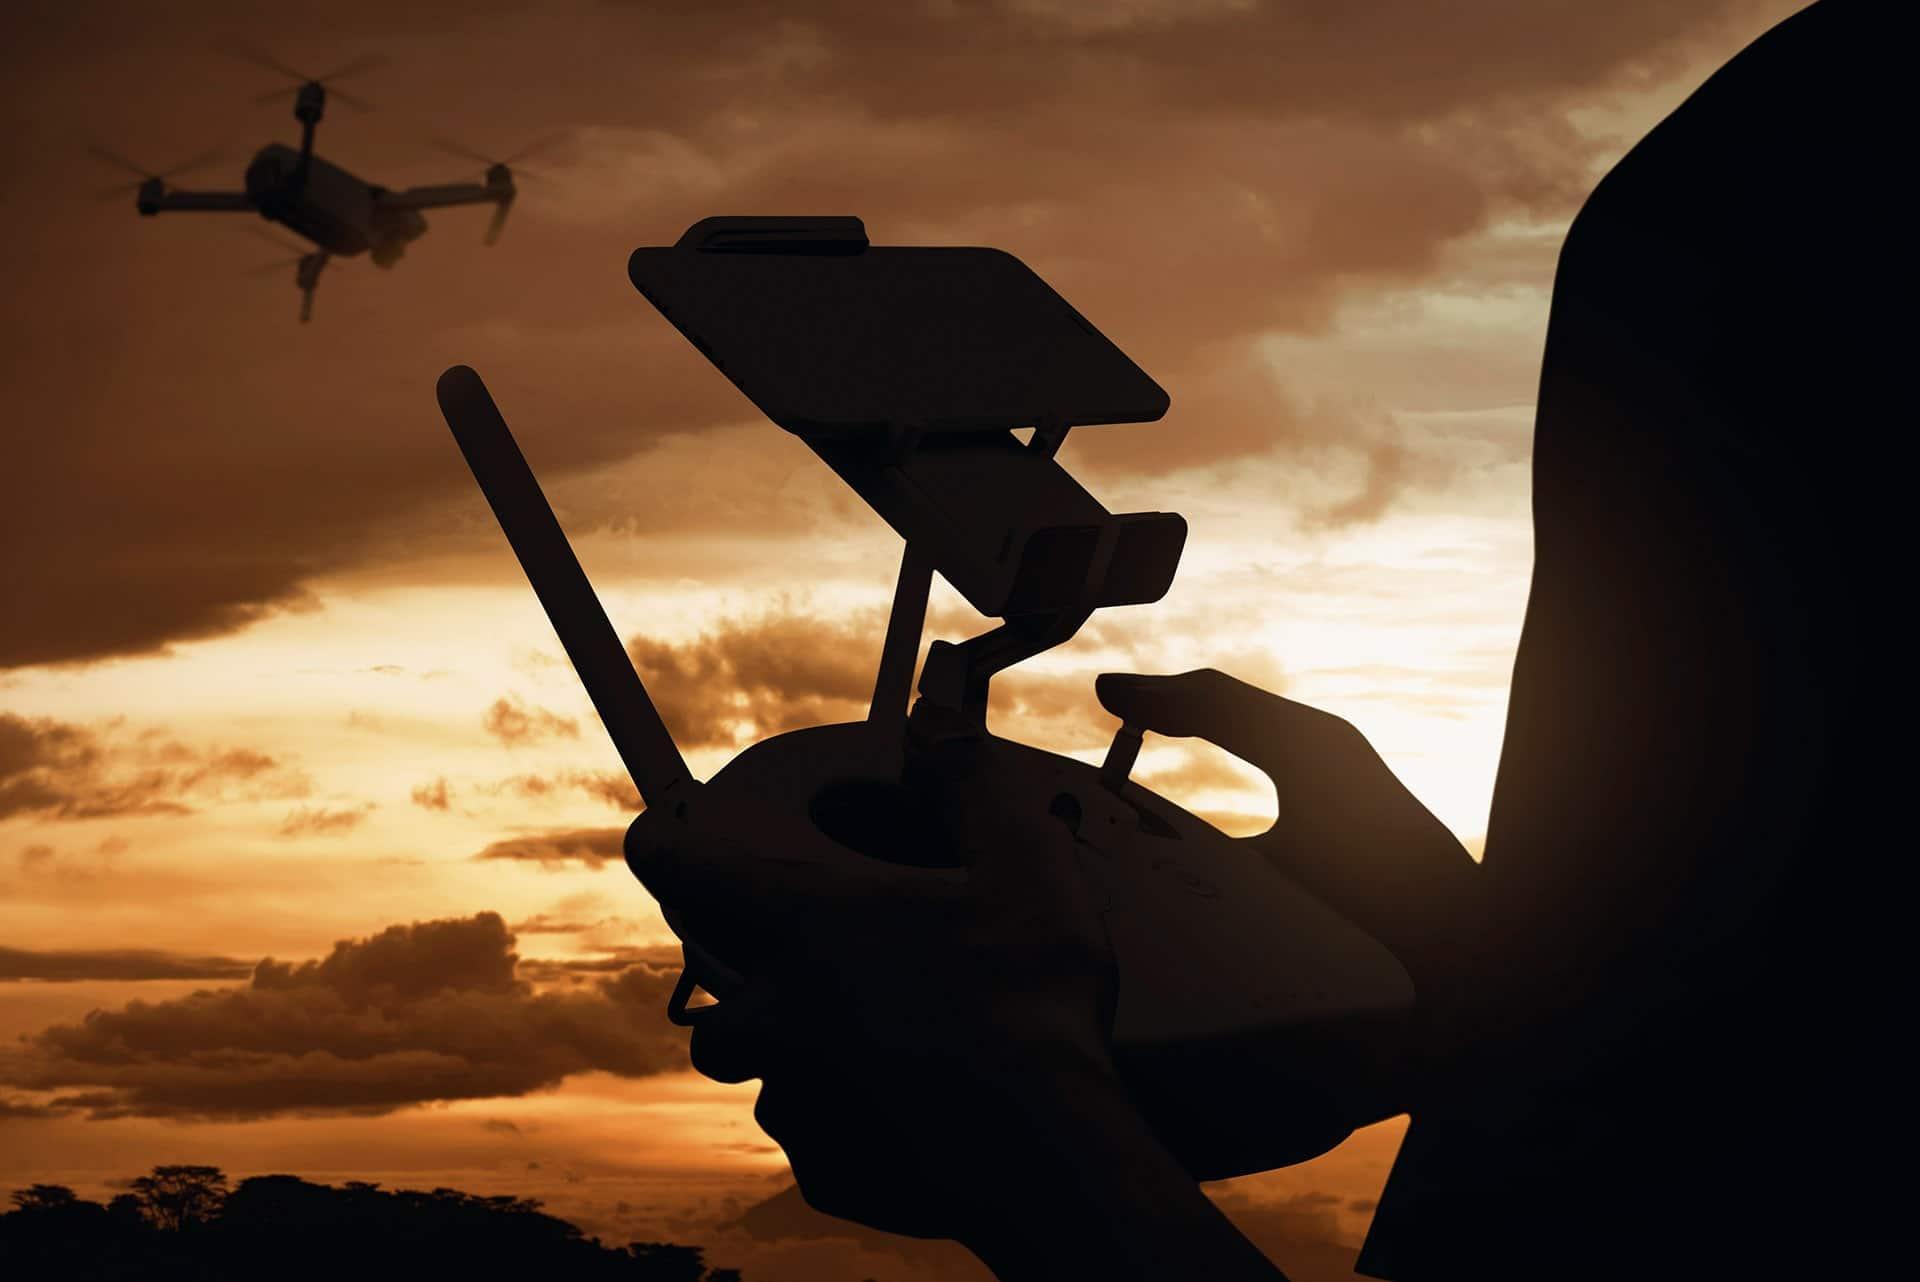 dron 2 Producción audiovisual para realizar vídeo promocional